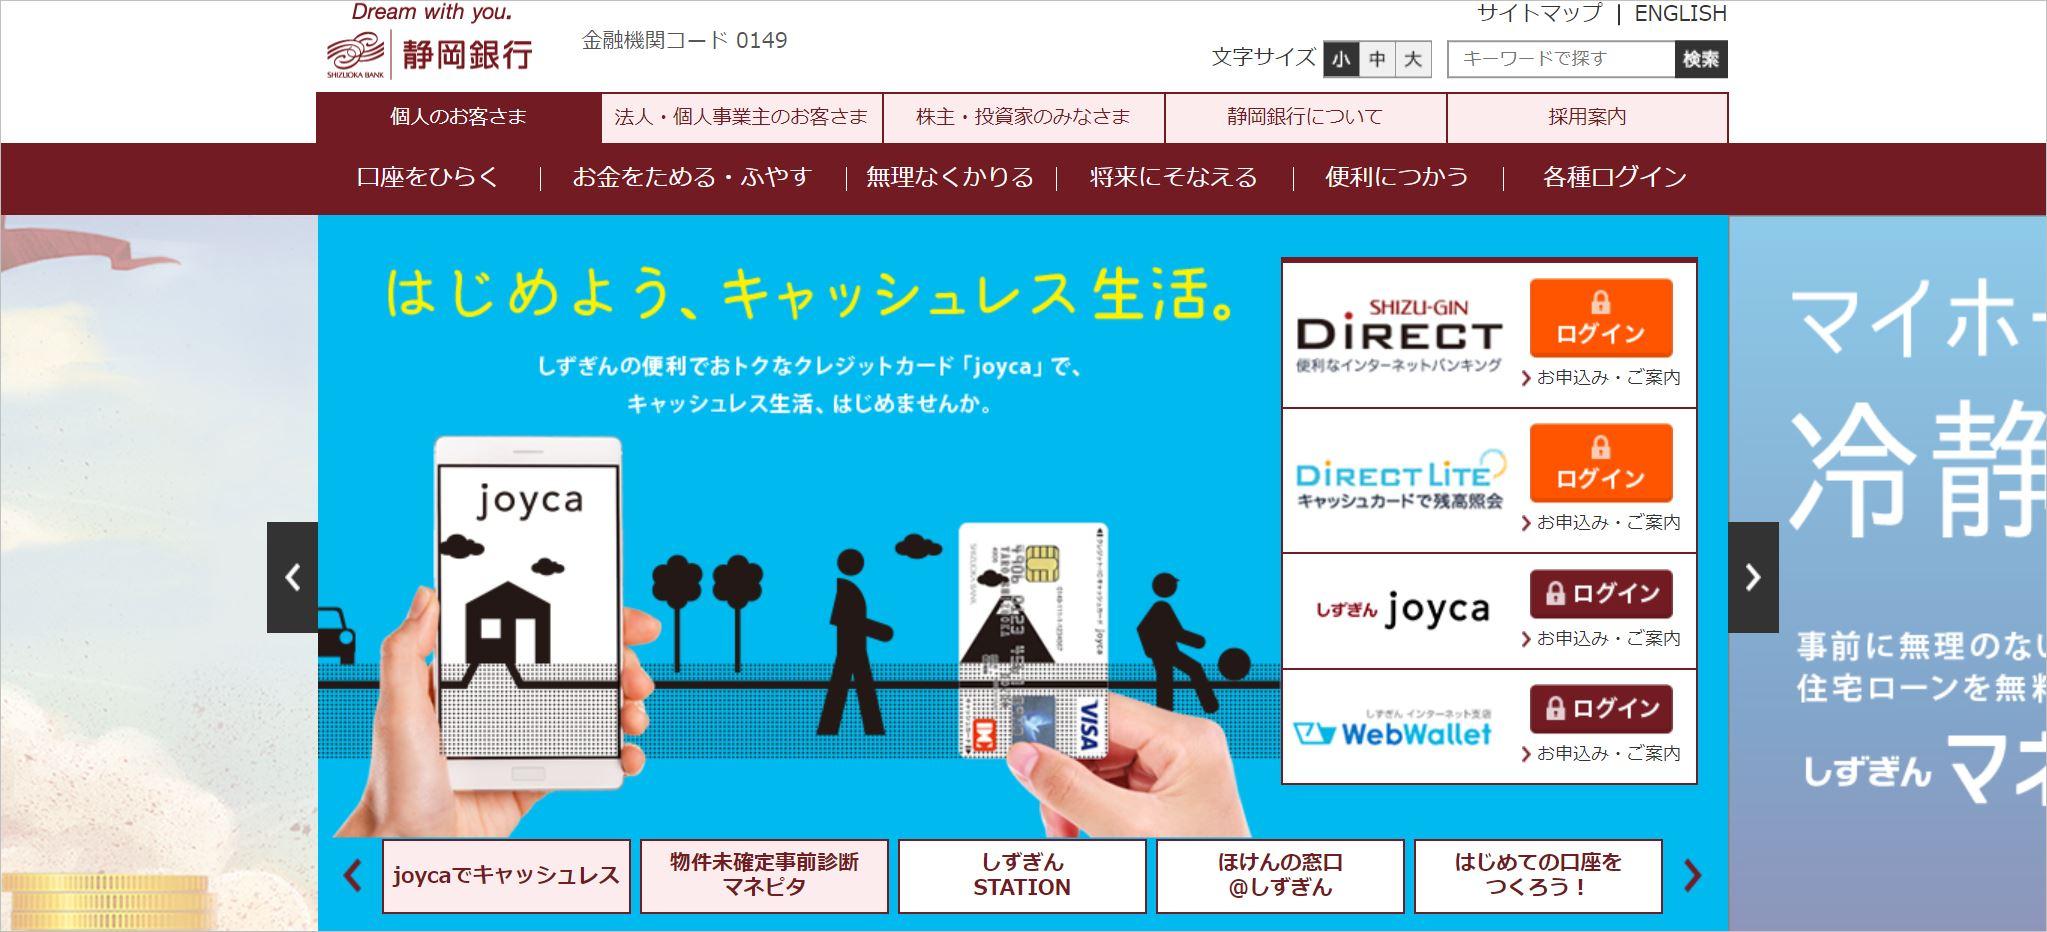 静岡銀行公式ページのトップ画面